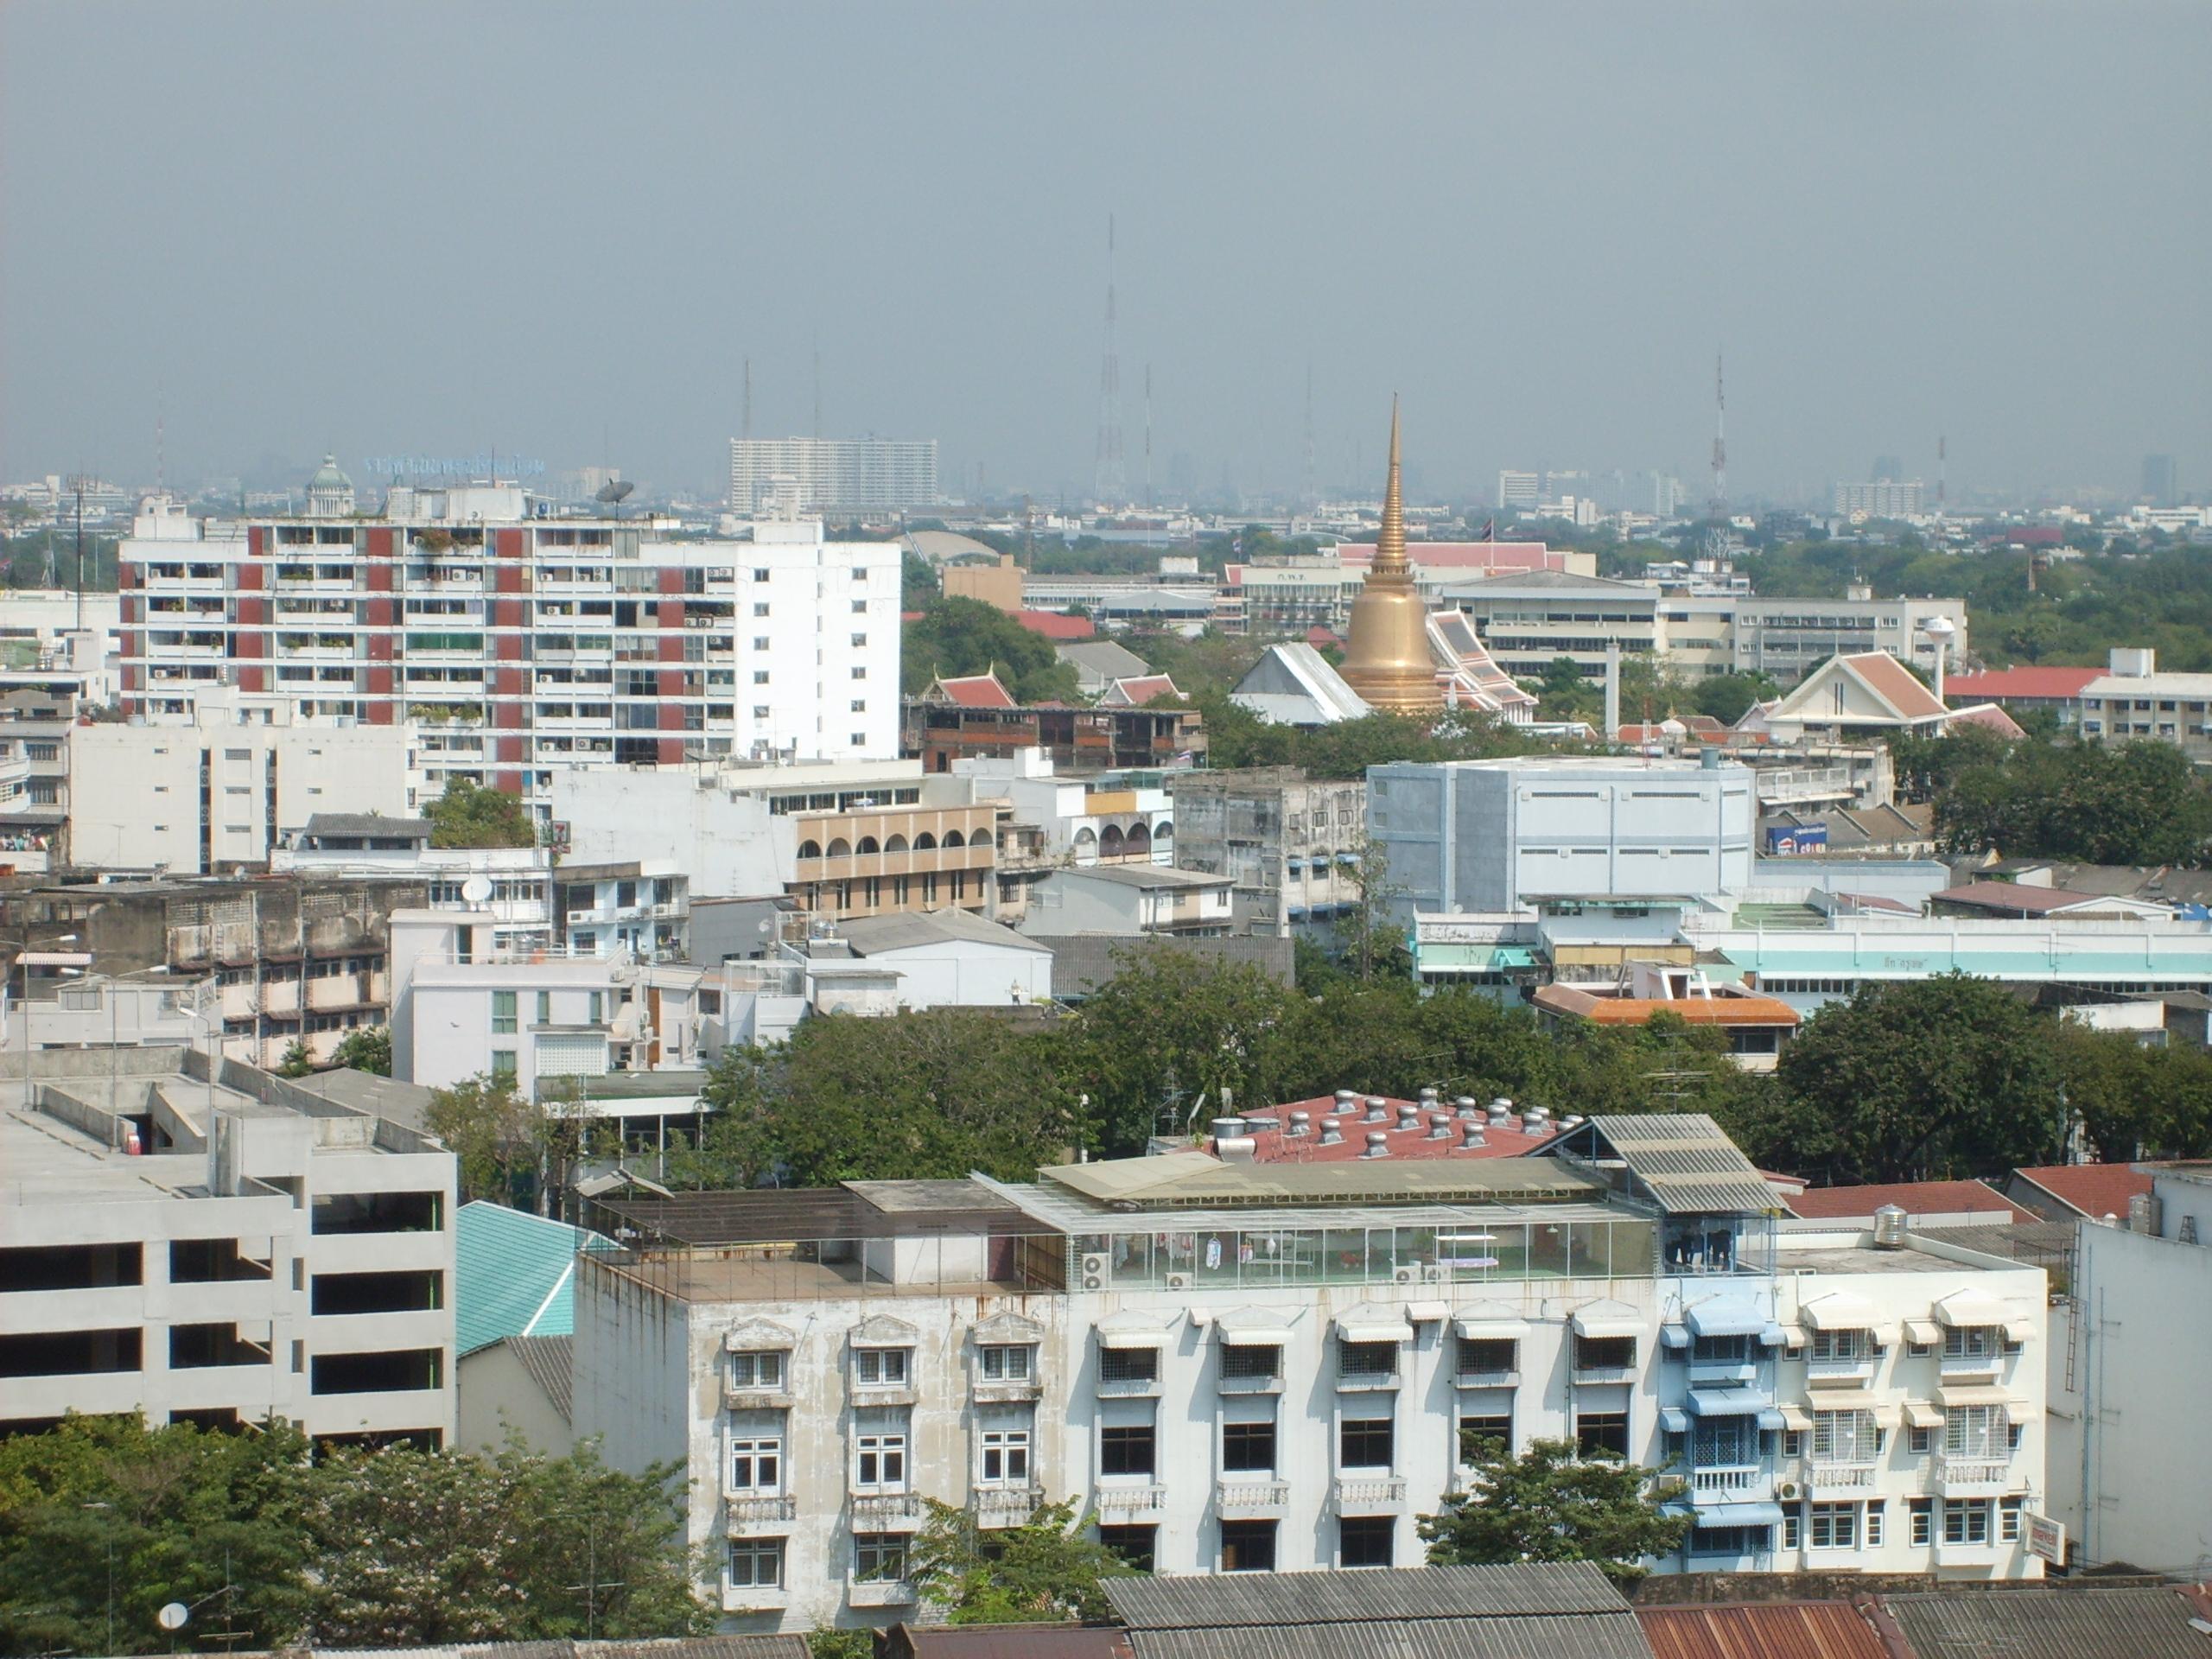 FREE IMAGE: View of the city of Bangkok - Libreshot Public ...